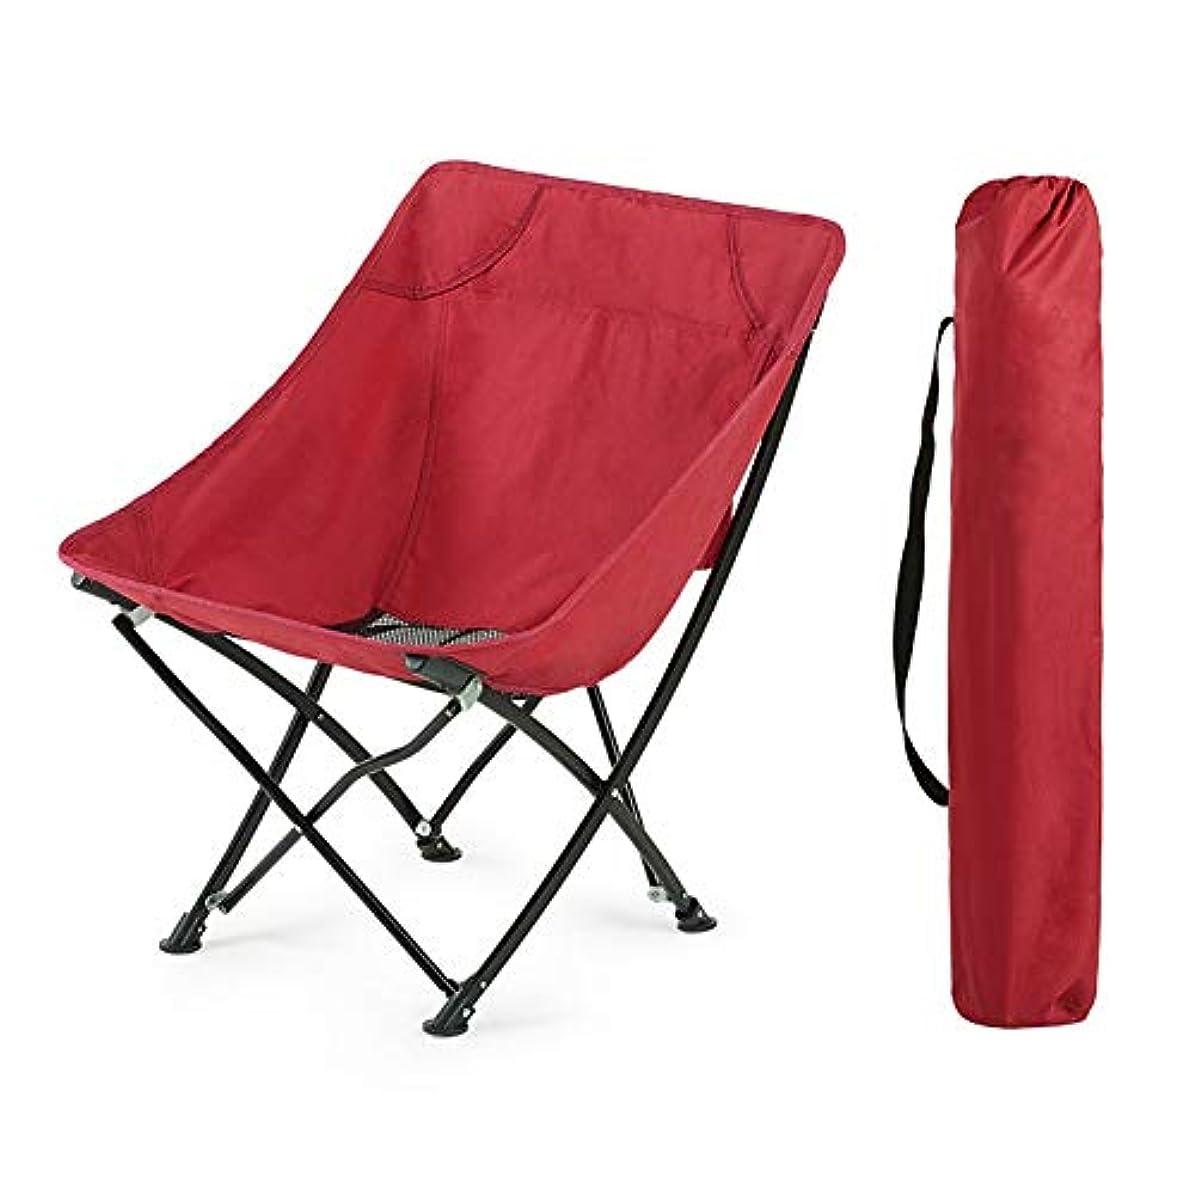 成功ワイヤーカタログ折りたたみキャンプチェア、ポータブルでシンプルなMazarビーチキャンプスケッチムーンチェア釣りスツール (色 : 赤)